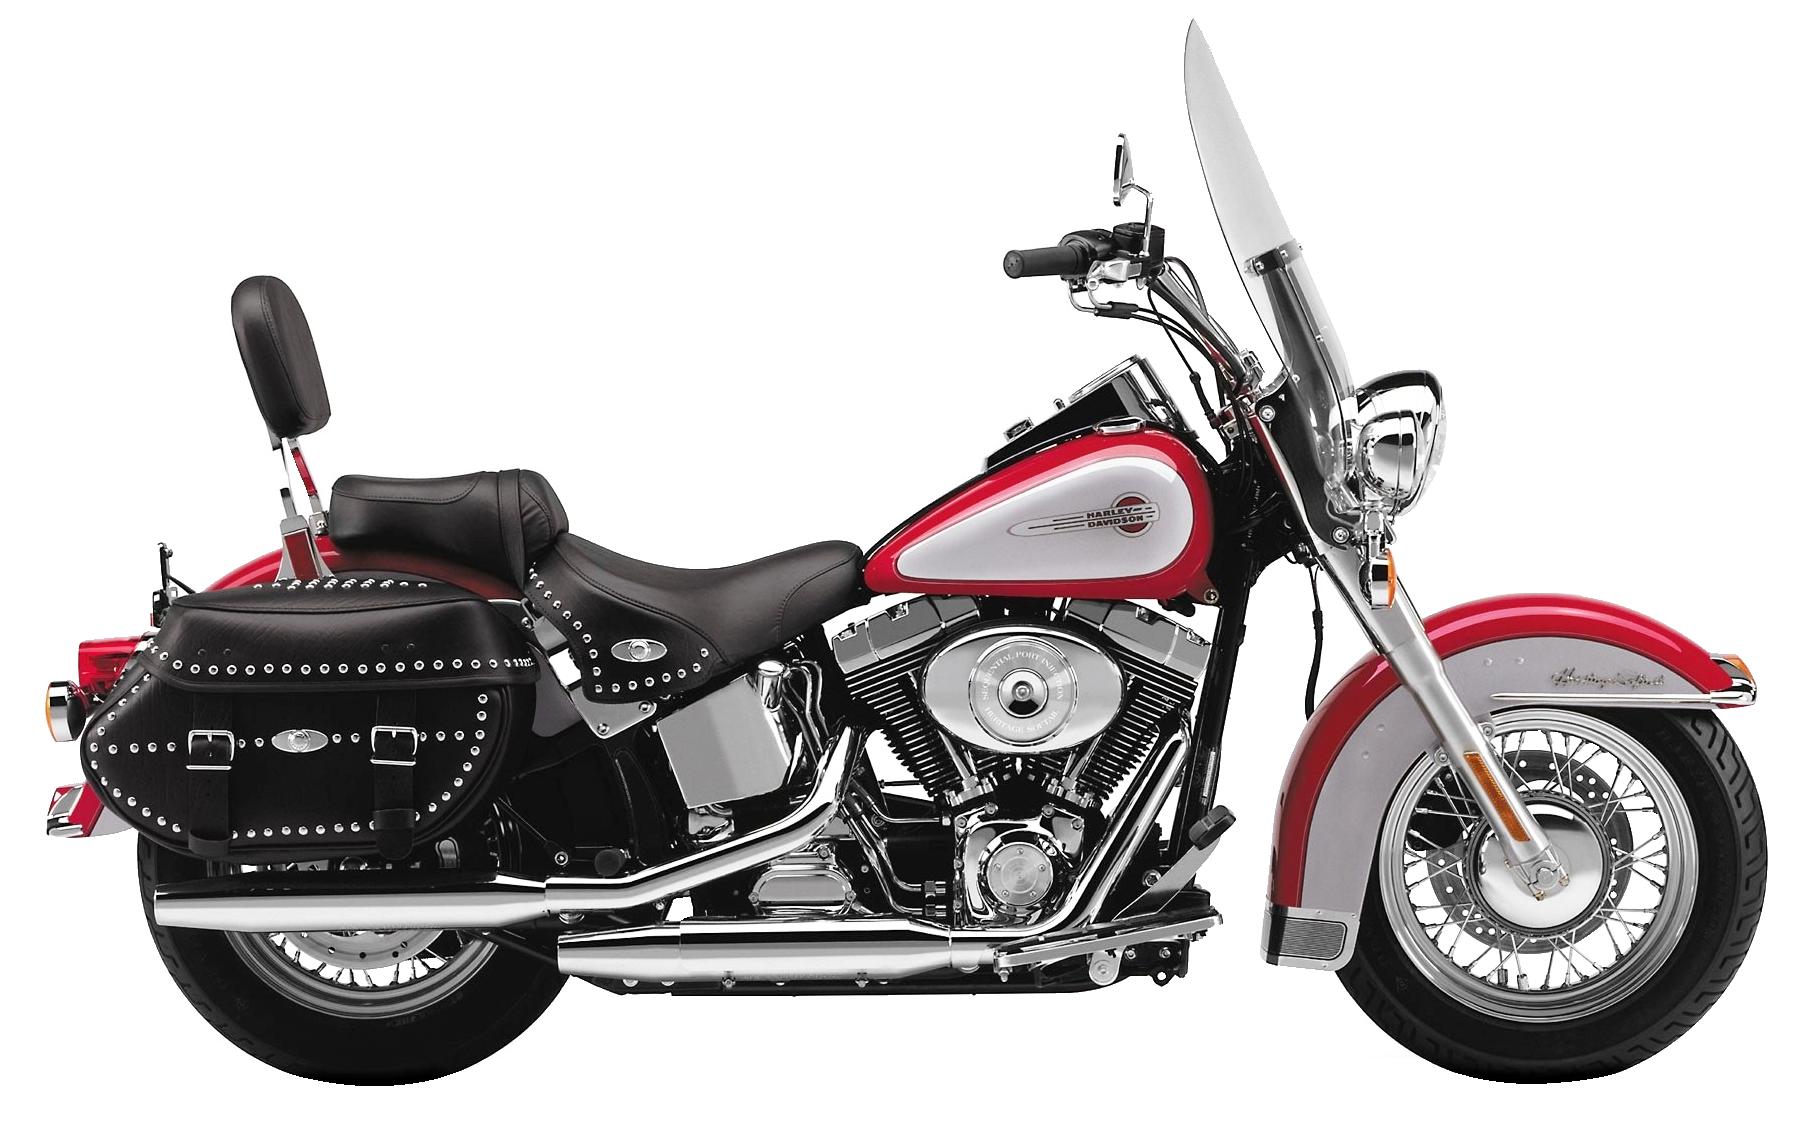 Red harley davidson bike. Motorcycle clipart motorcycle repair